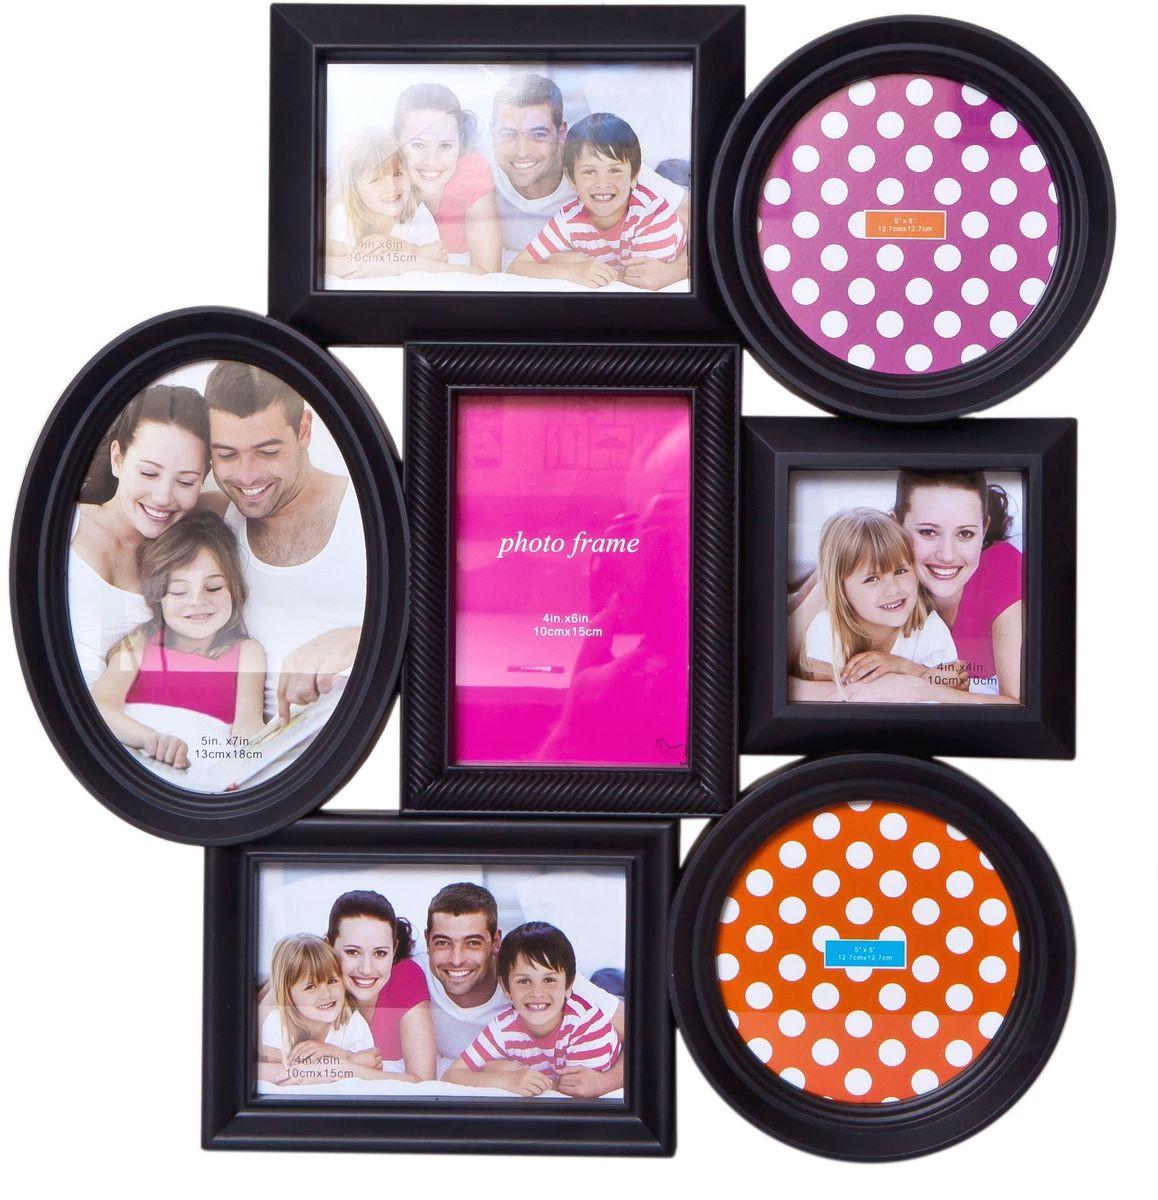 Фоторамка Platinum, цвет: черный, на 7 фото. BH-1307PLATINUM BH-1307-Black-ЧёрныйФоторамка Platinum - прекрасный способ красиво оформить ваши фотографии. Фоторамка выполнена из пластика и защищена стеклом. Фоторамка-коллаж представляет собой семь фоторамок для фото разного размера оригинально соединенных между собой. Такая фоторамка поможет сохранить в памяти самые яркие моменты вашей жизни, а стильный дизайн сделает ее прекрасным дополнением интерьера комнаты. Фоторамка подходит для фото следующих размеров: 13 х 18 см, 3 фото 10 х 15 см, 2 фото 12,7 х 12,7 см и 10 х 10 см. Общий размер фоторамки: 41 х 43 см.